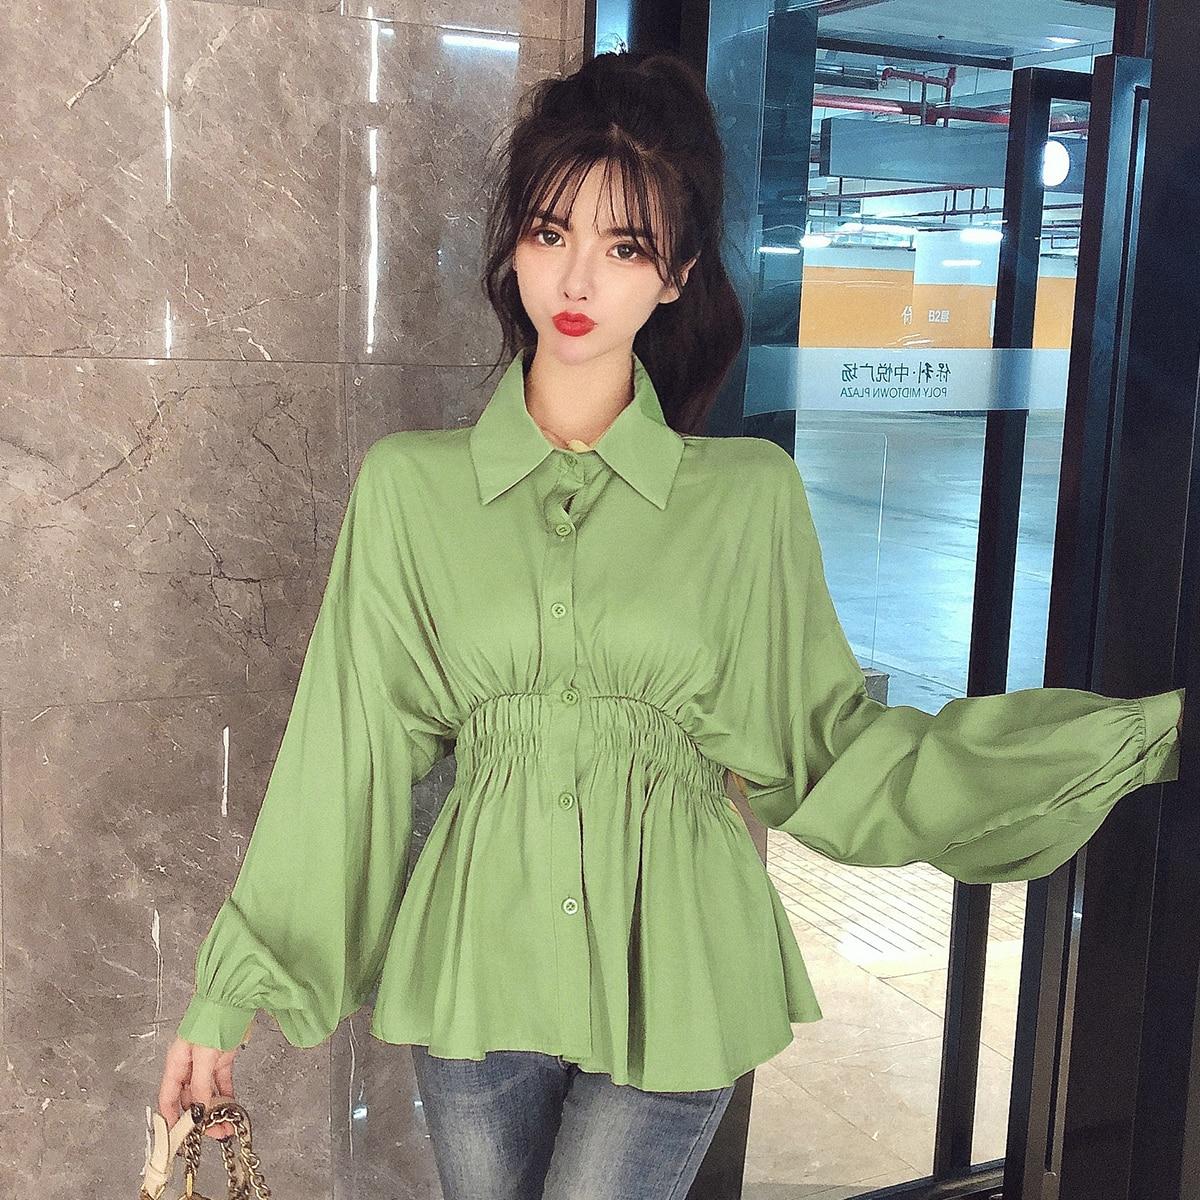 Otoño mujer peplum tops de manga larga de las mujeres ruffles camisas de moda ruffles tops mujer otoño peplum camisetas